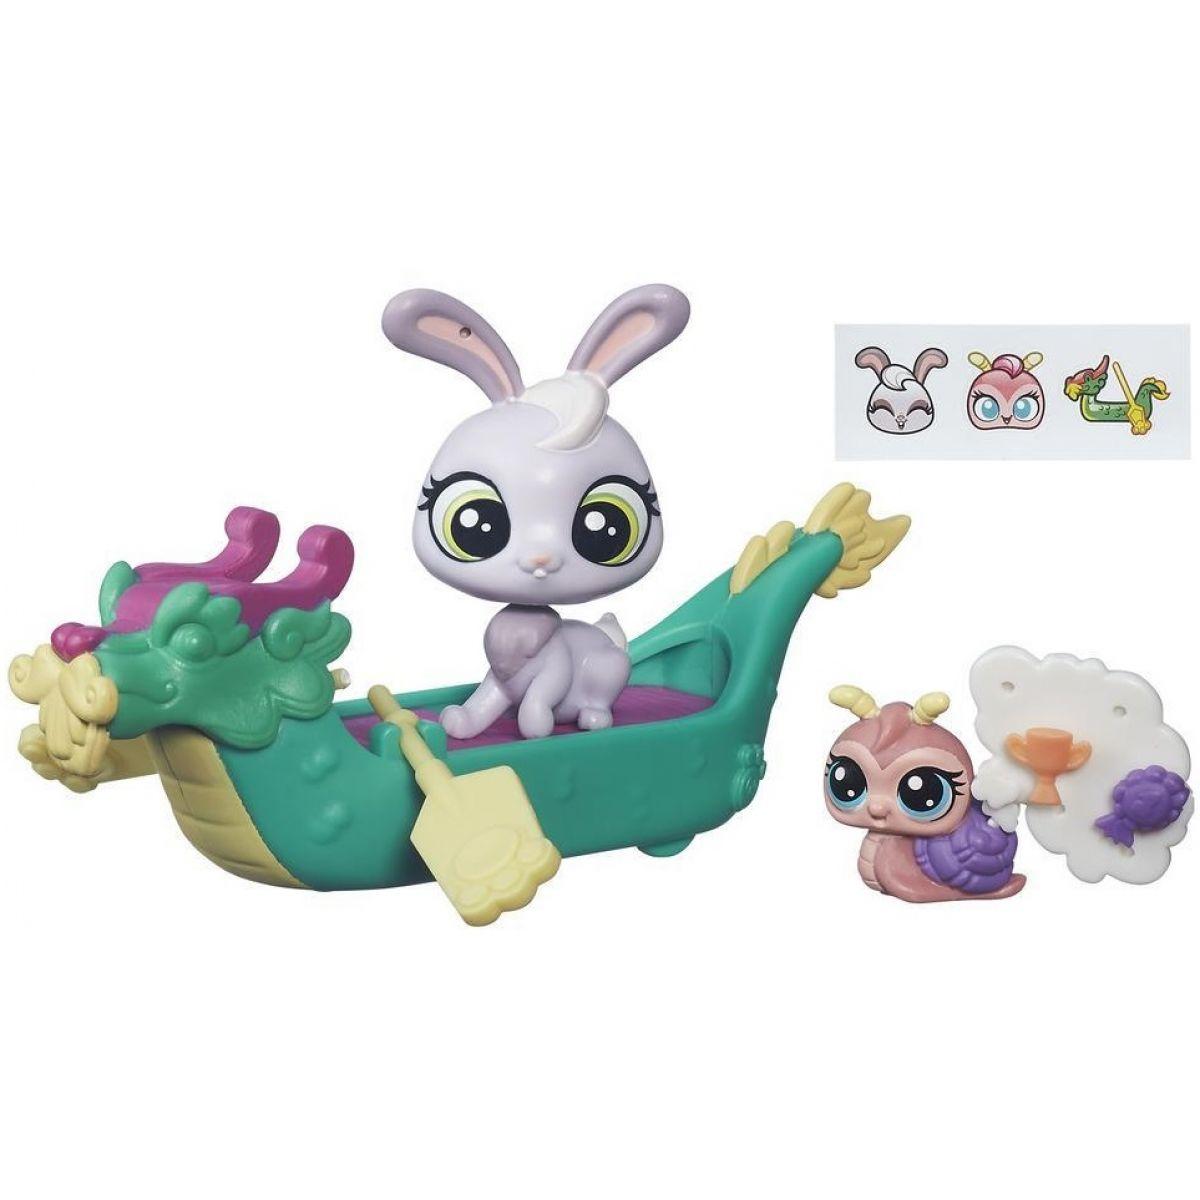 Littlest Pet Shop Zvířátko s kamarádem a vozidlem - B7755